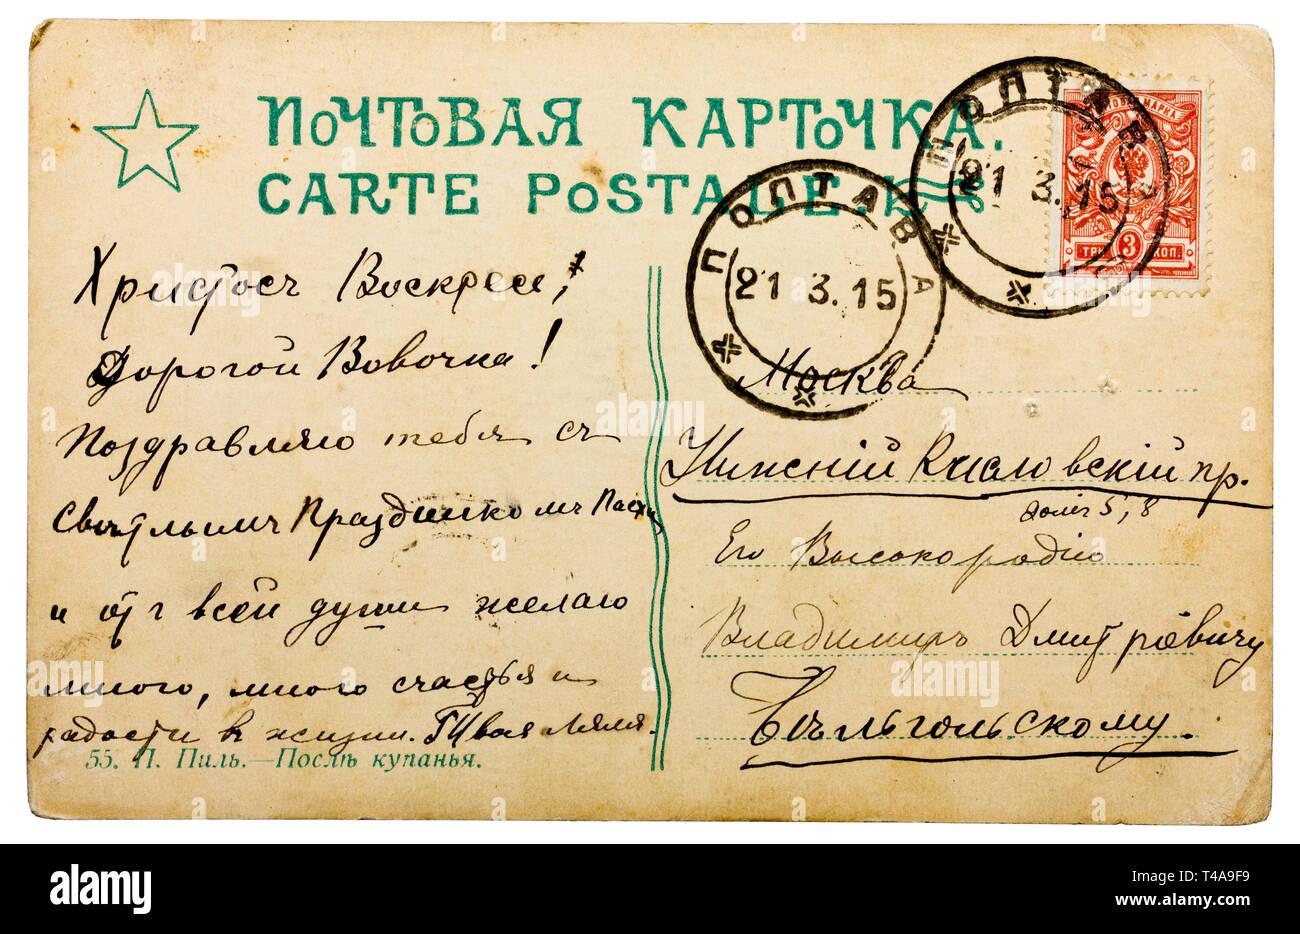 Vintage poste russe carte avec les salutations de 1915s Photo Stock